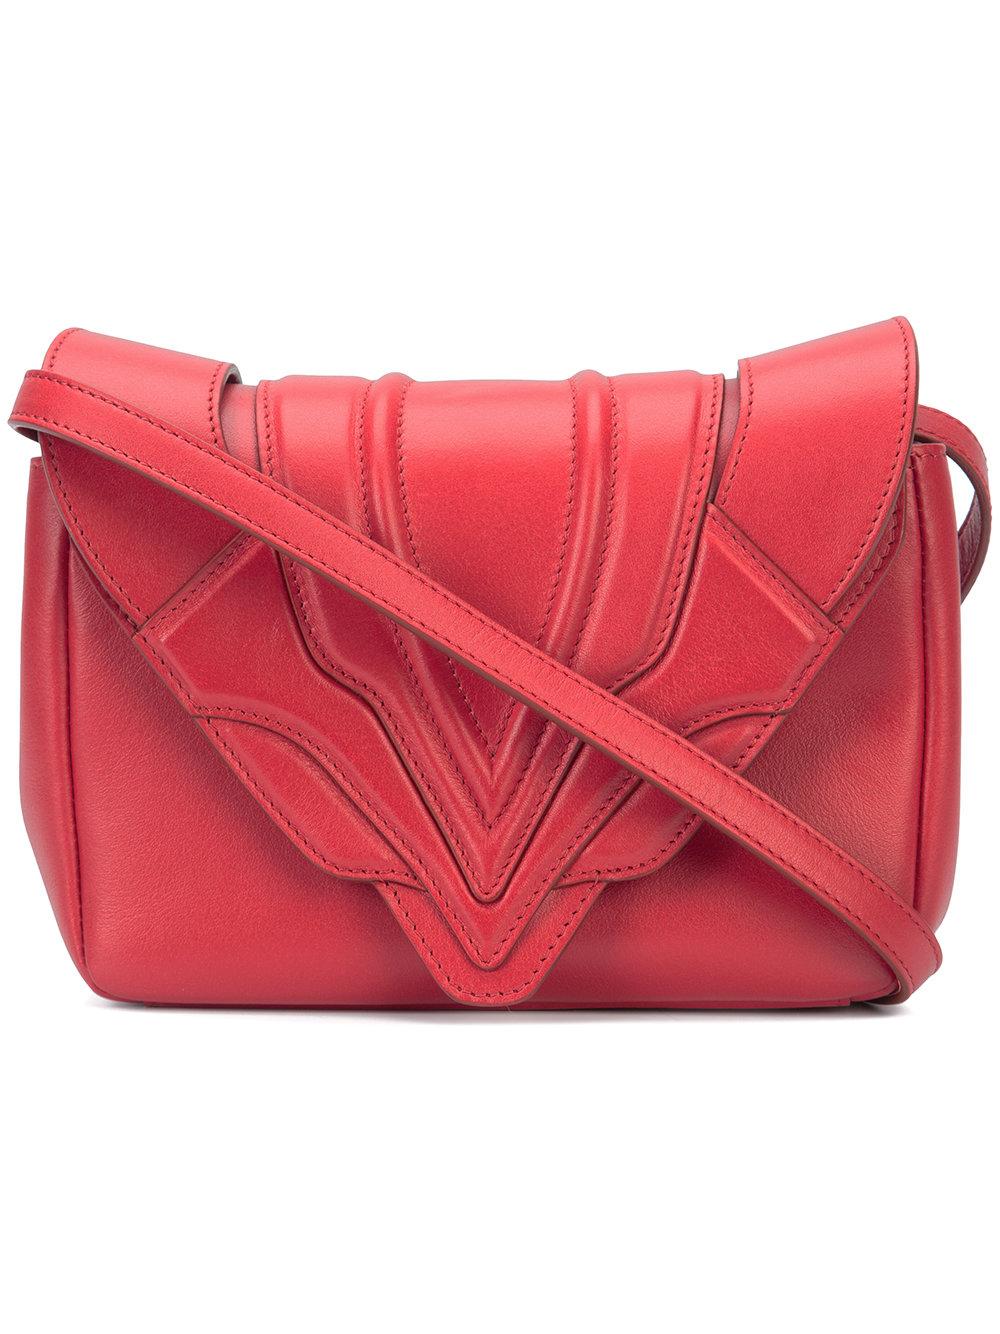 ELENA GHISELLINI bag $495